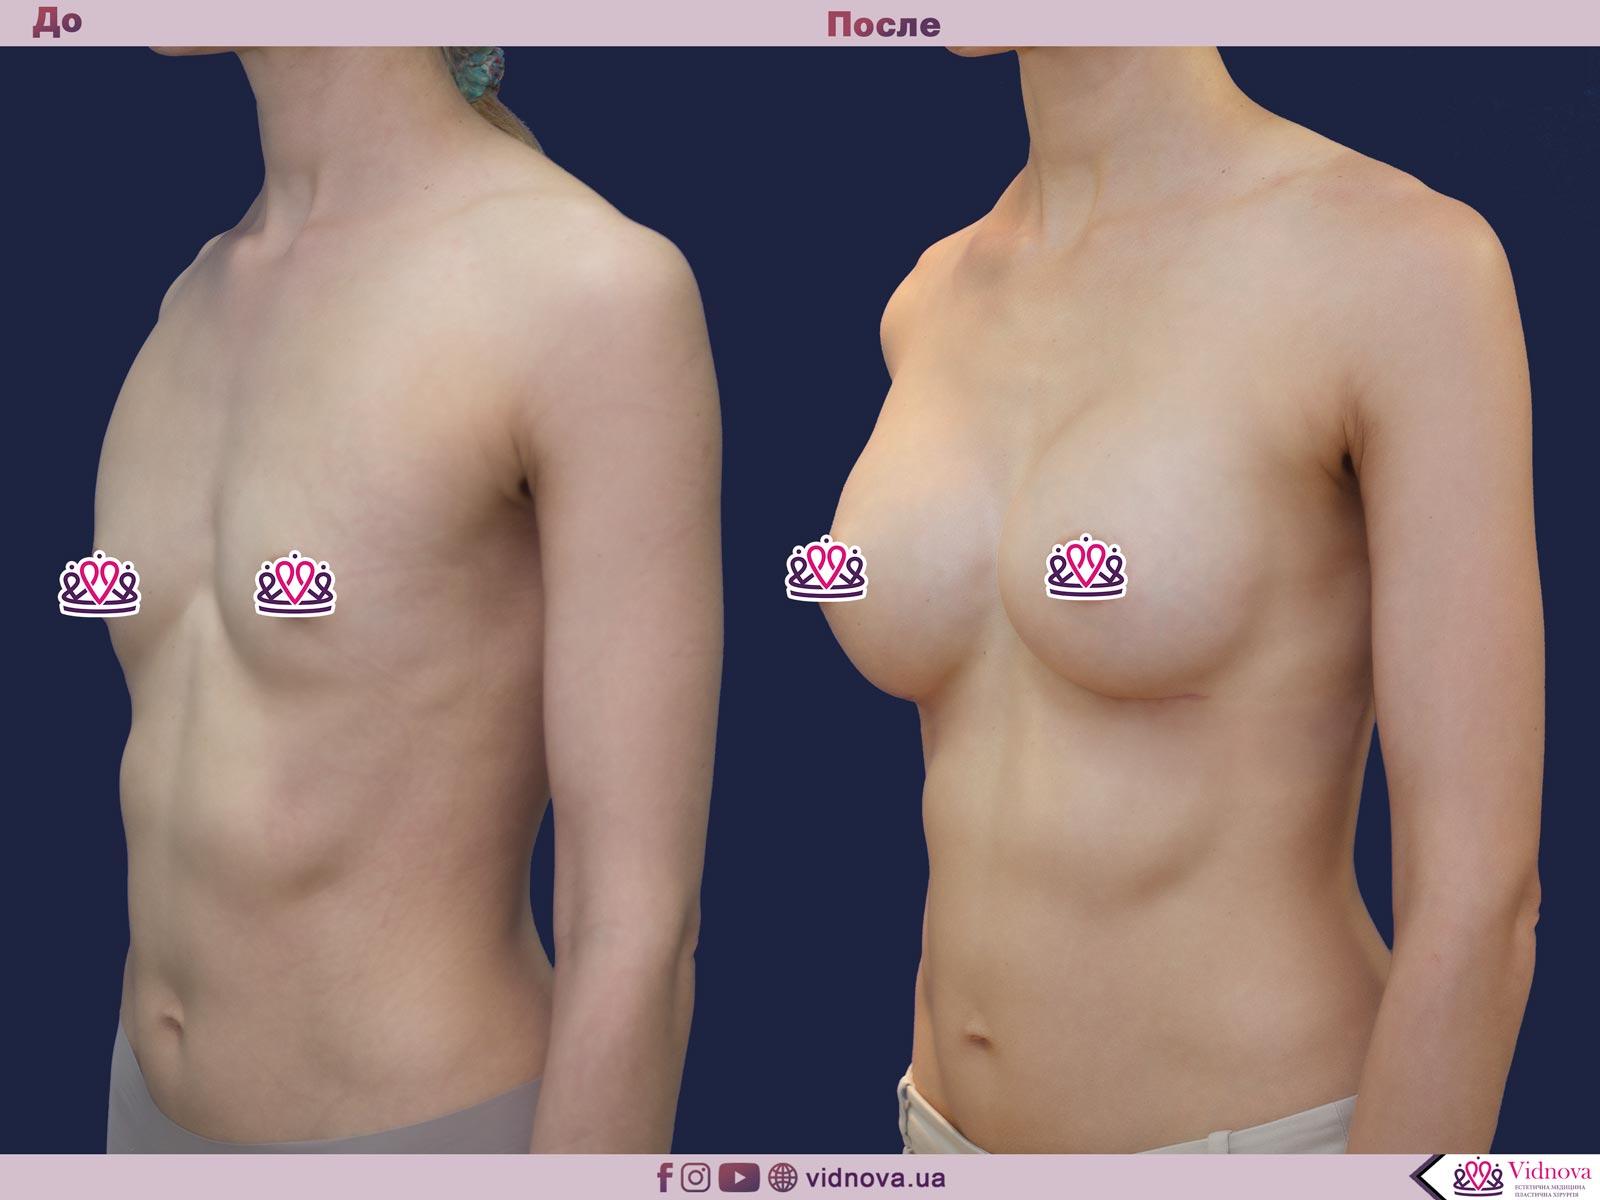 Пластика груди: результаты до и после - Пример №44-1 - Светлана Работенко